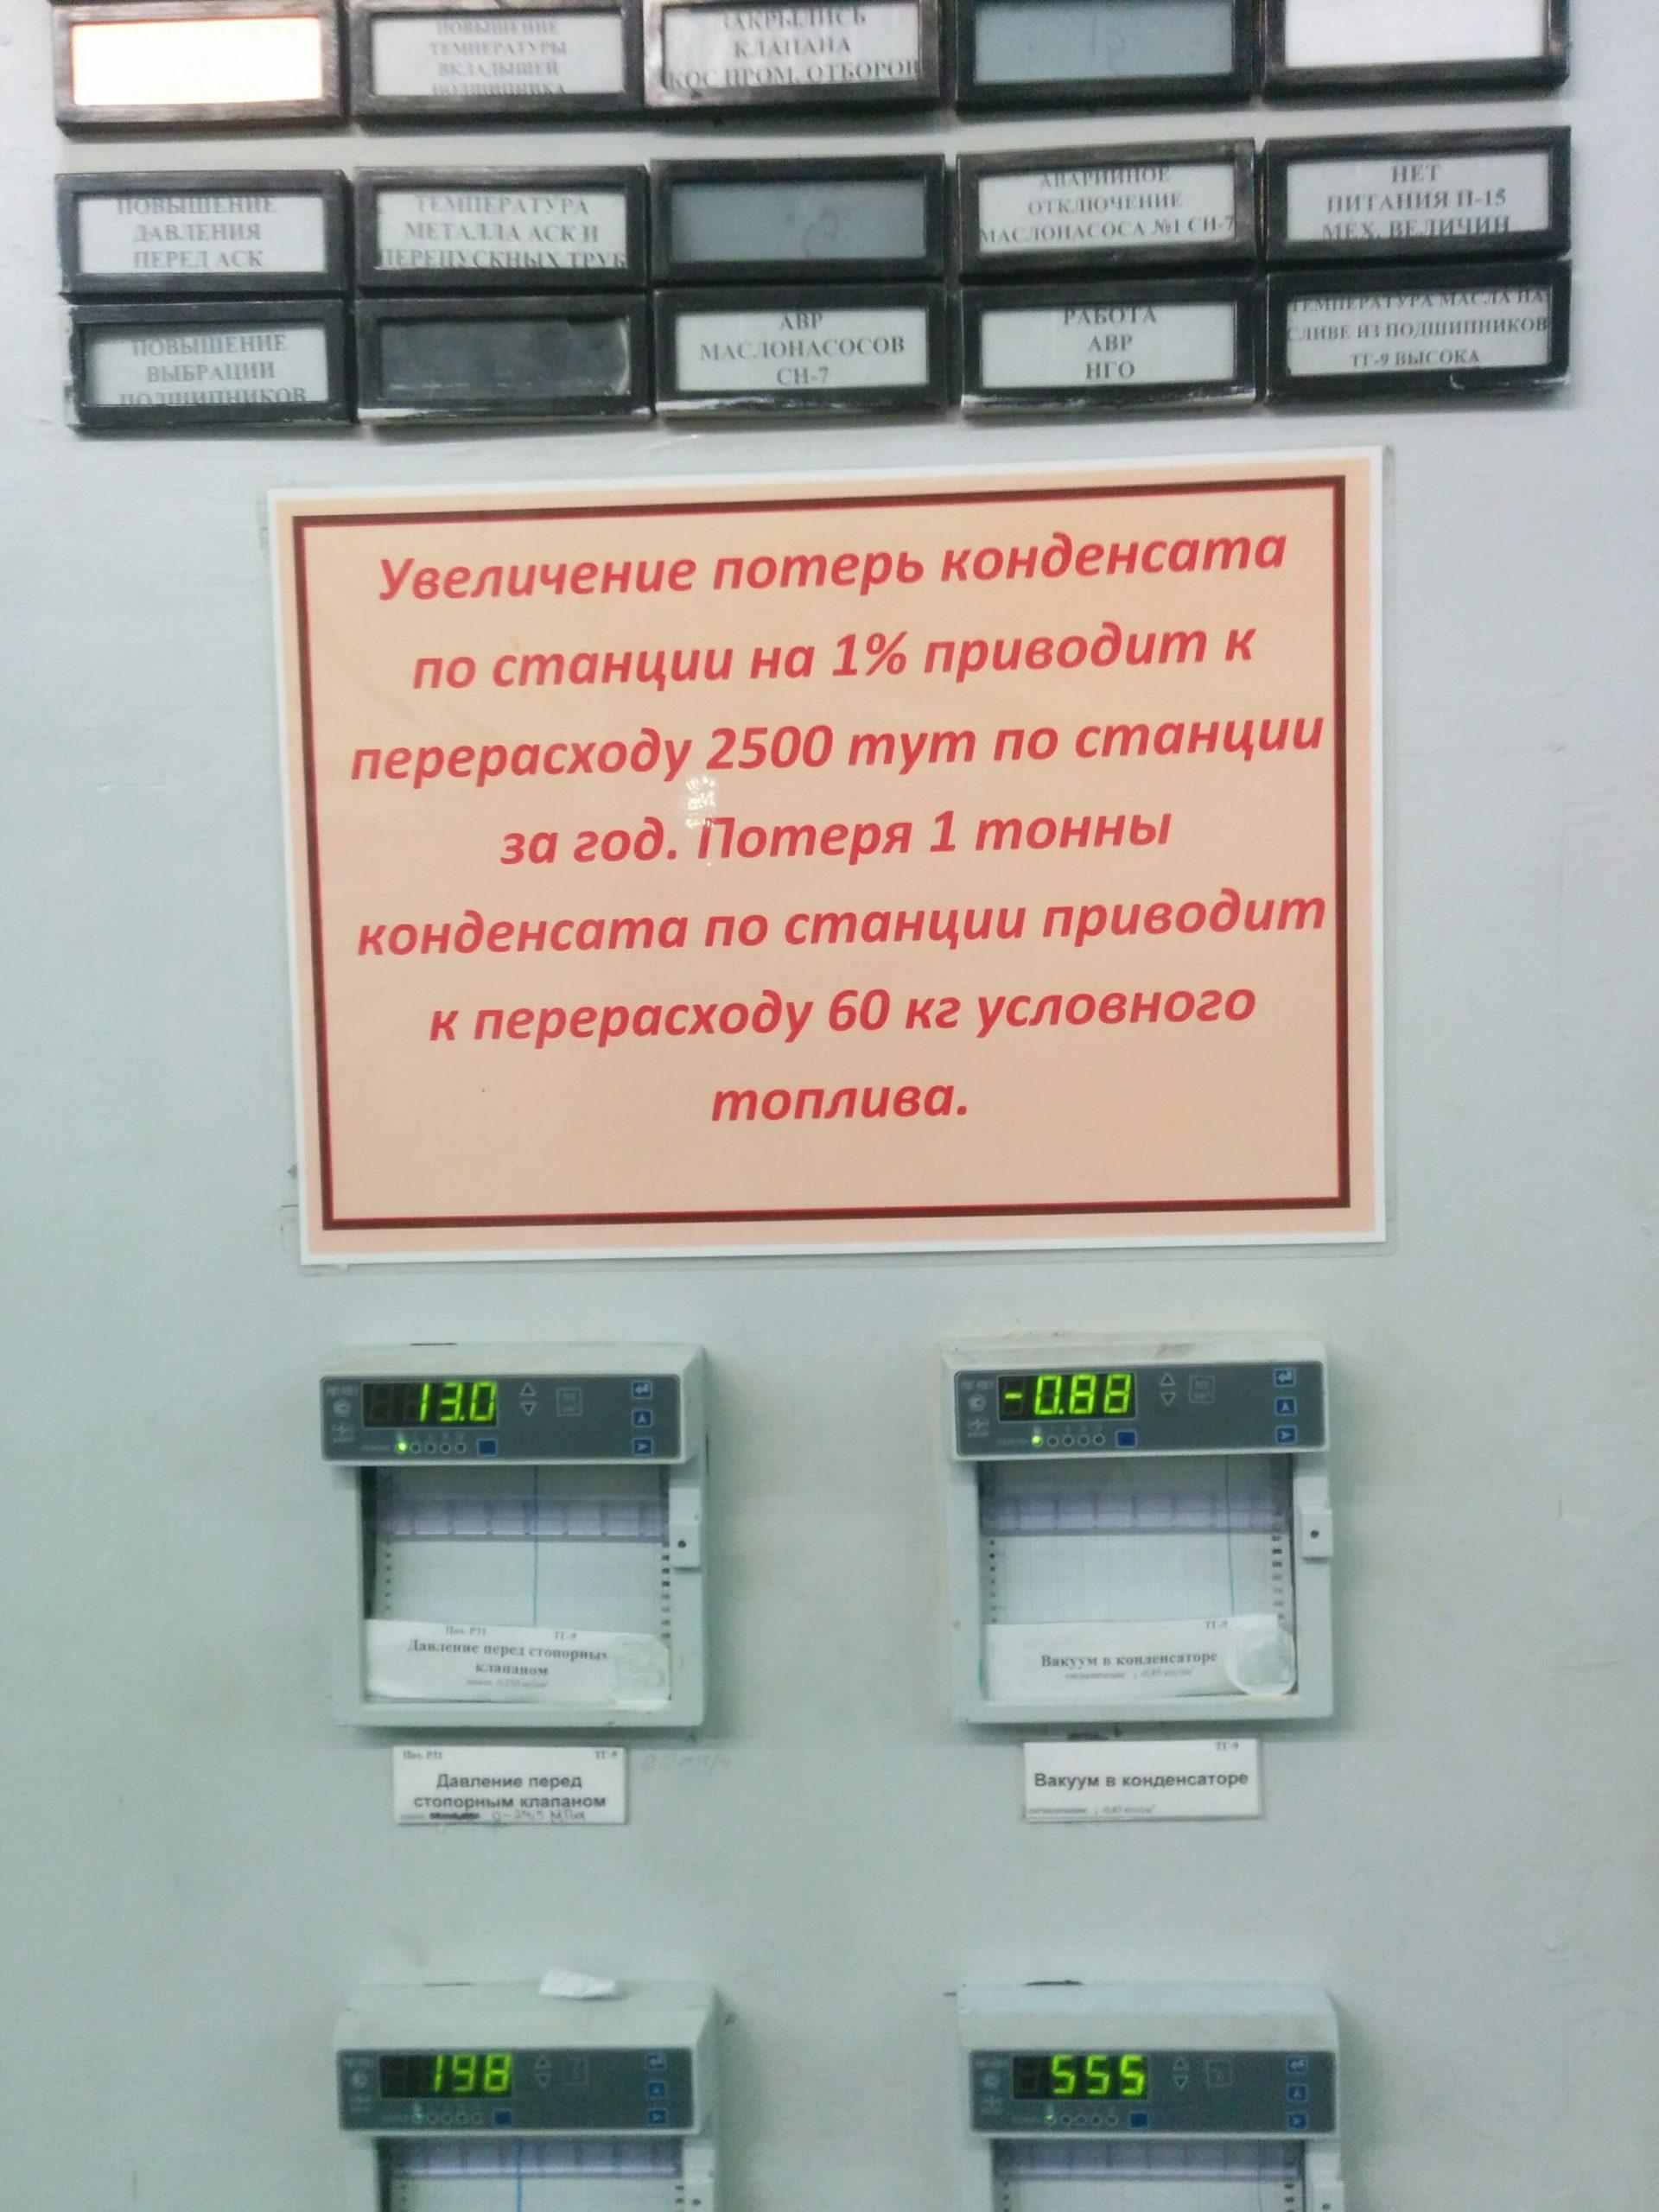 Энергоэффективность по конденсату